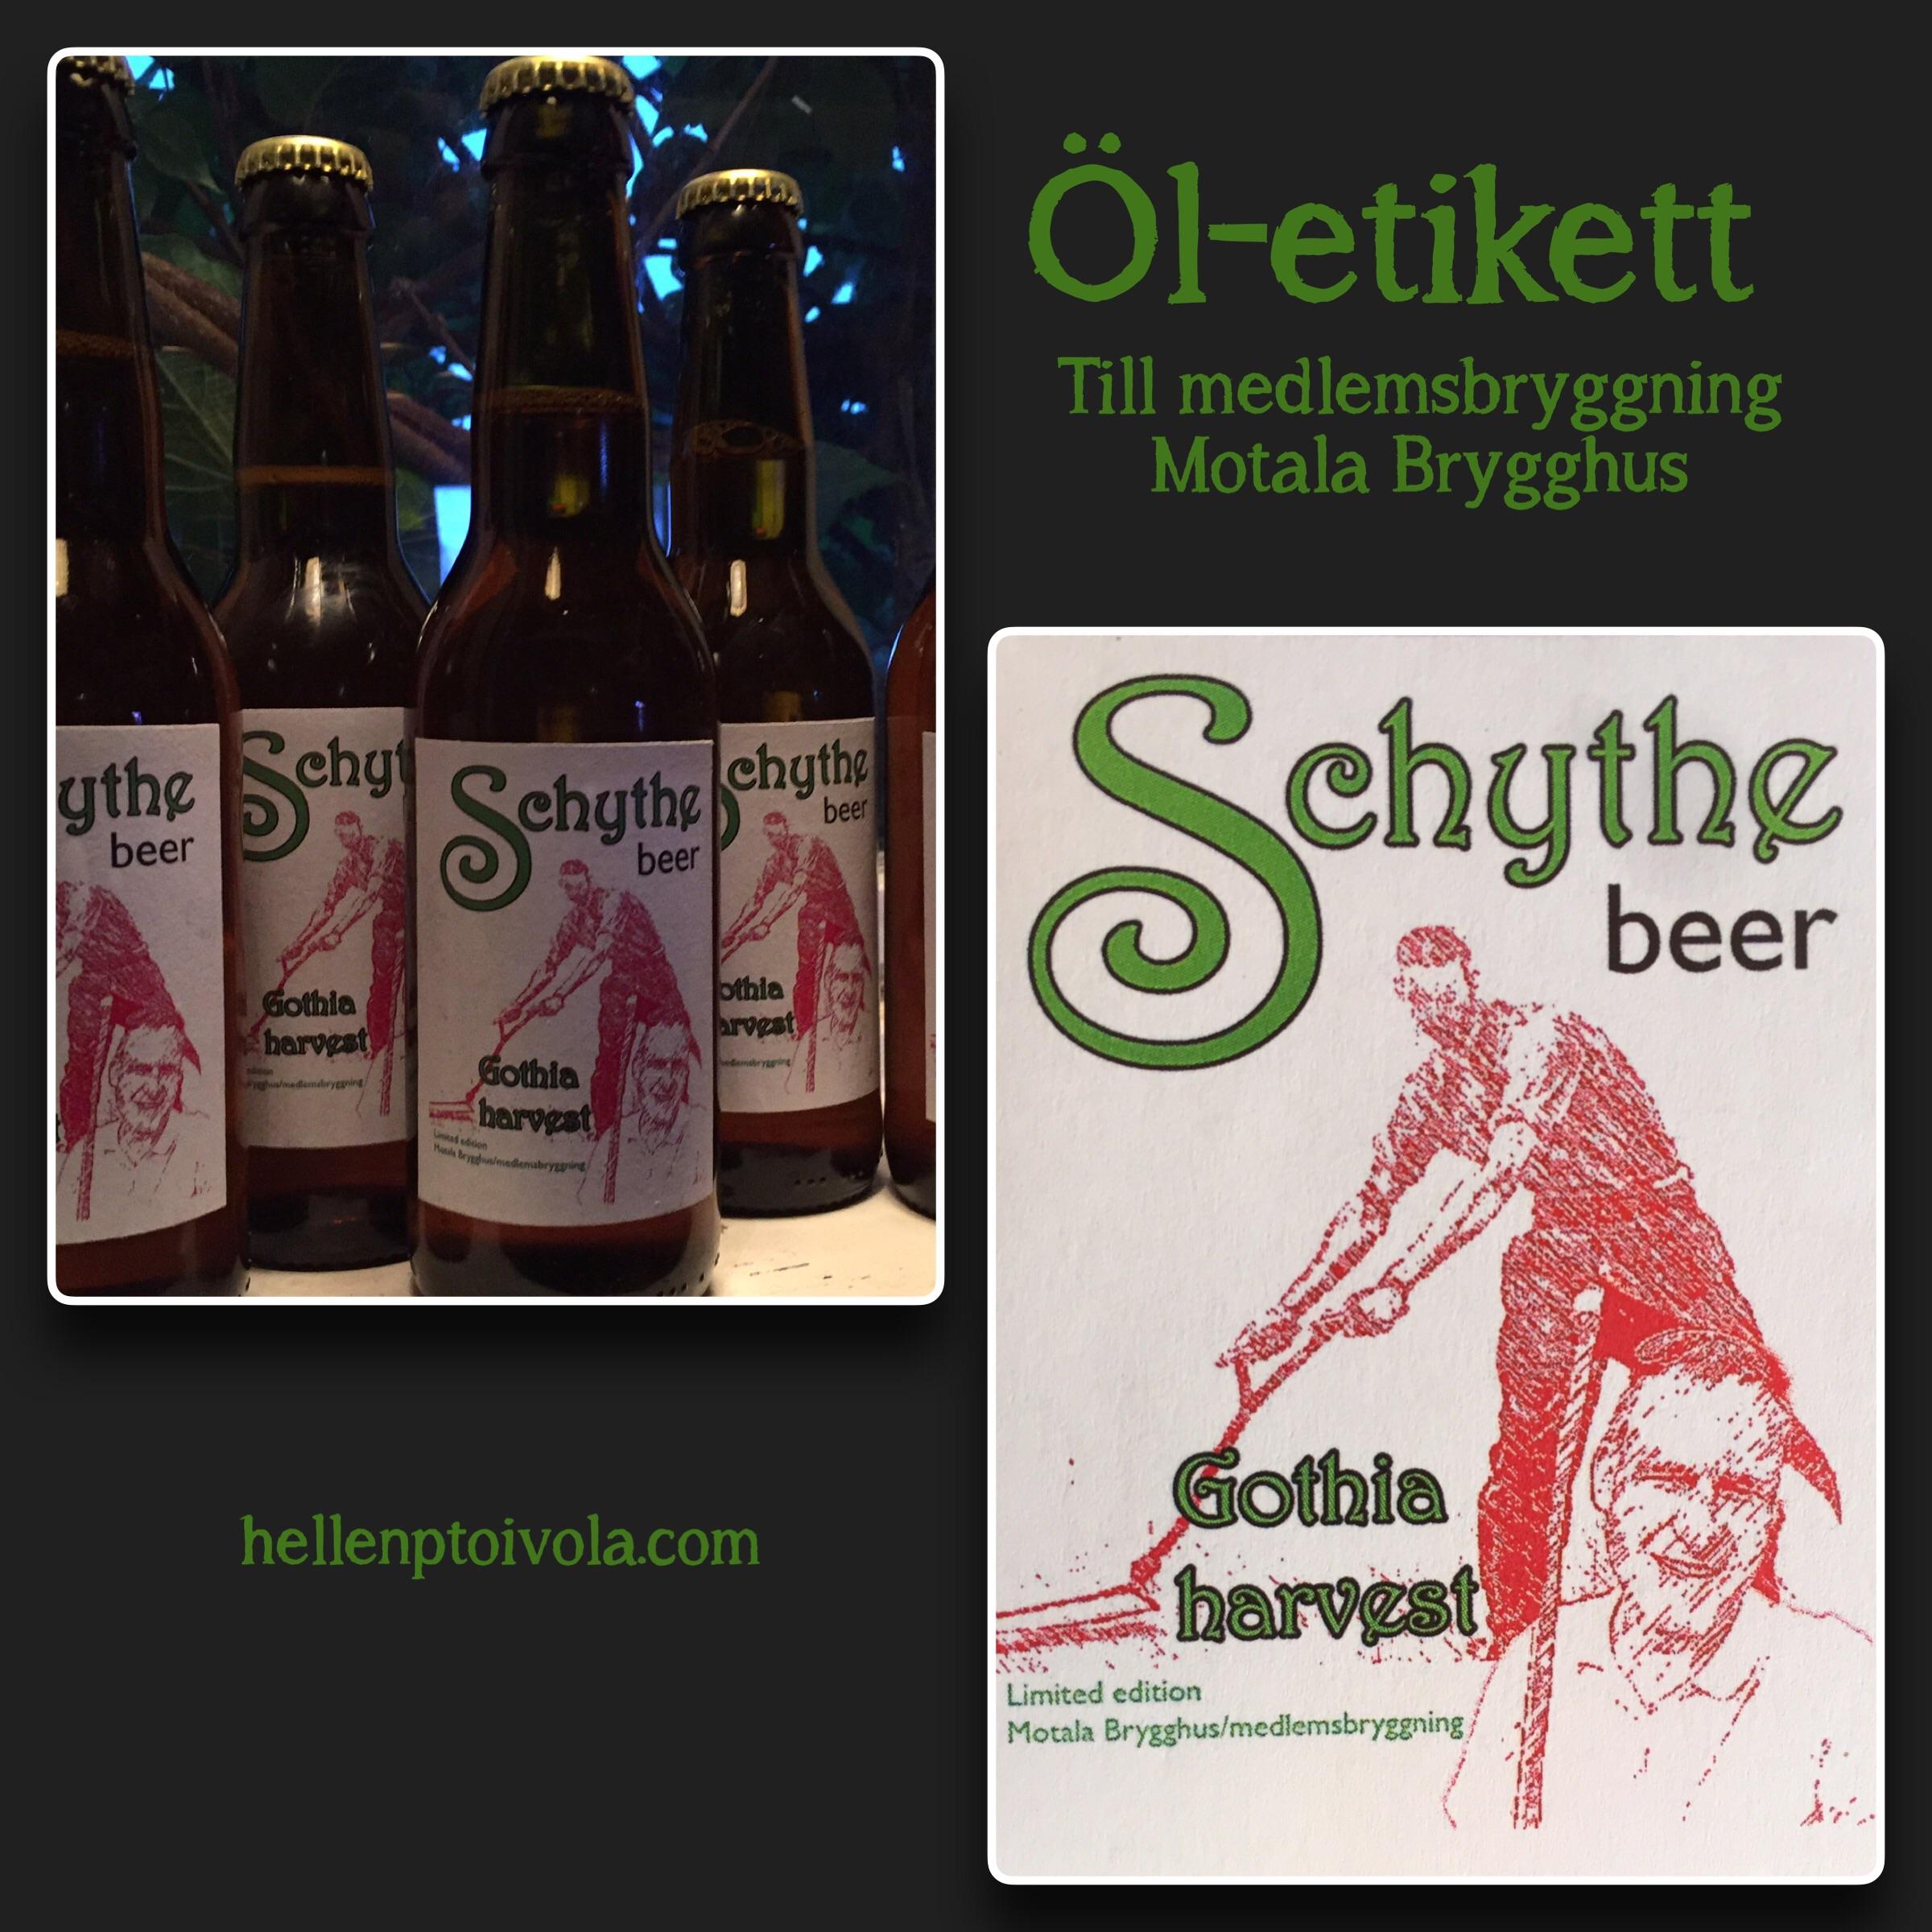 #öletikett #beer #motalabrygghus